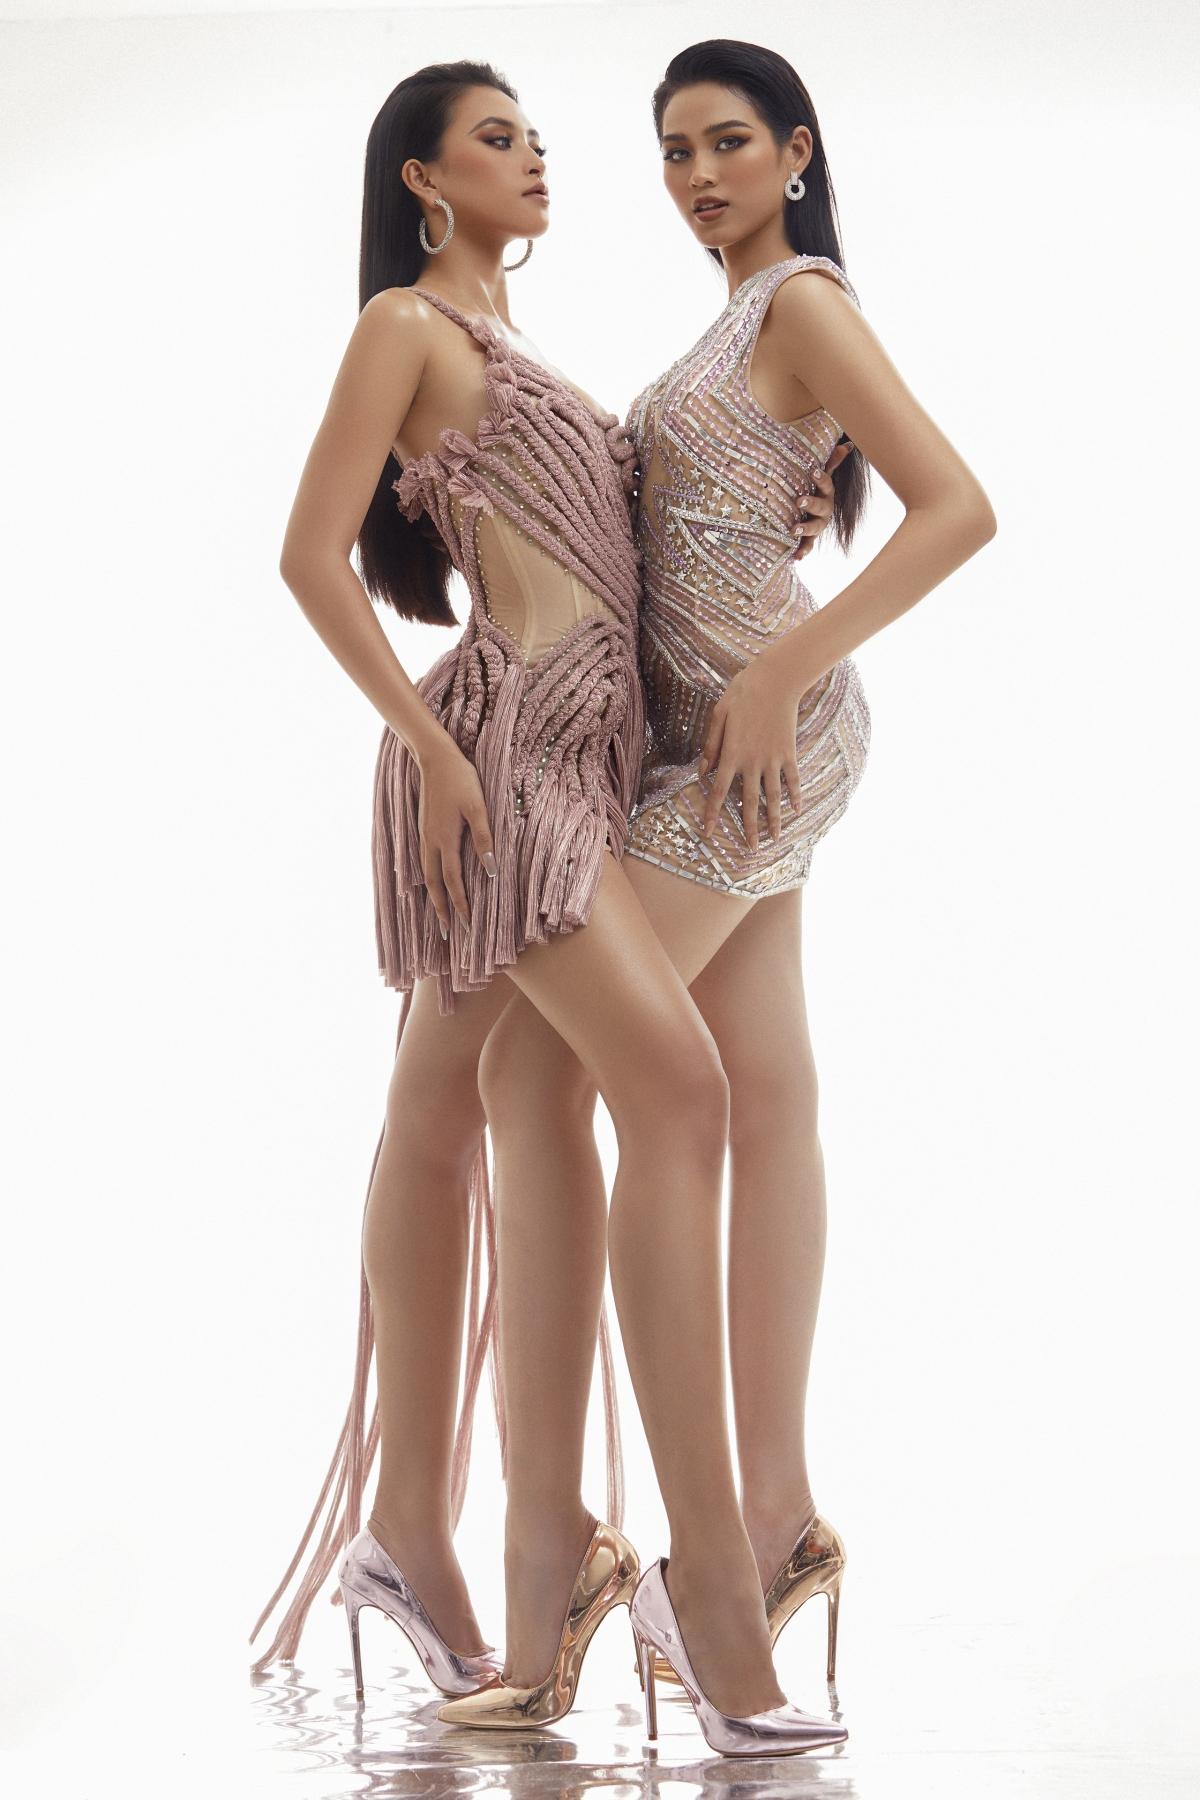 Được làm từ kĩ thuật cắt vải dệt nhũ tết lại với nhau, kết hợp cùng màu tím lilac chiếc váy đã tạo nên những đường họa tiết độc đáo, phù hợp với những cô nàng có làn da bánh mật như Tiểu Vy.